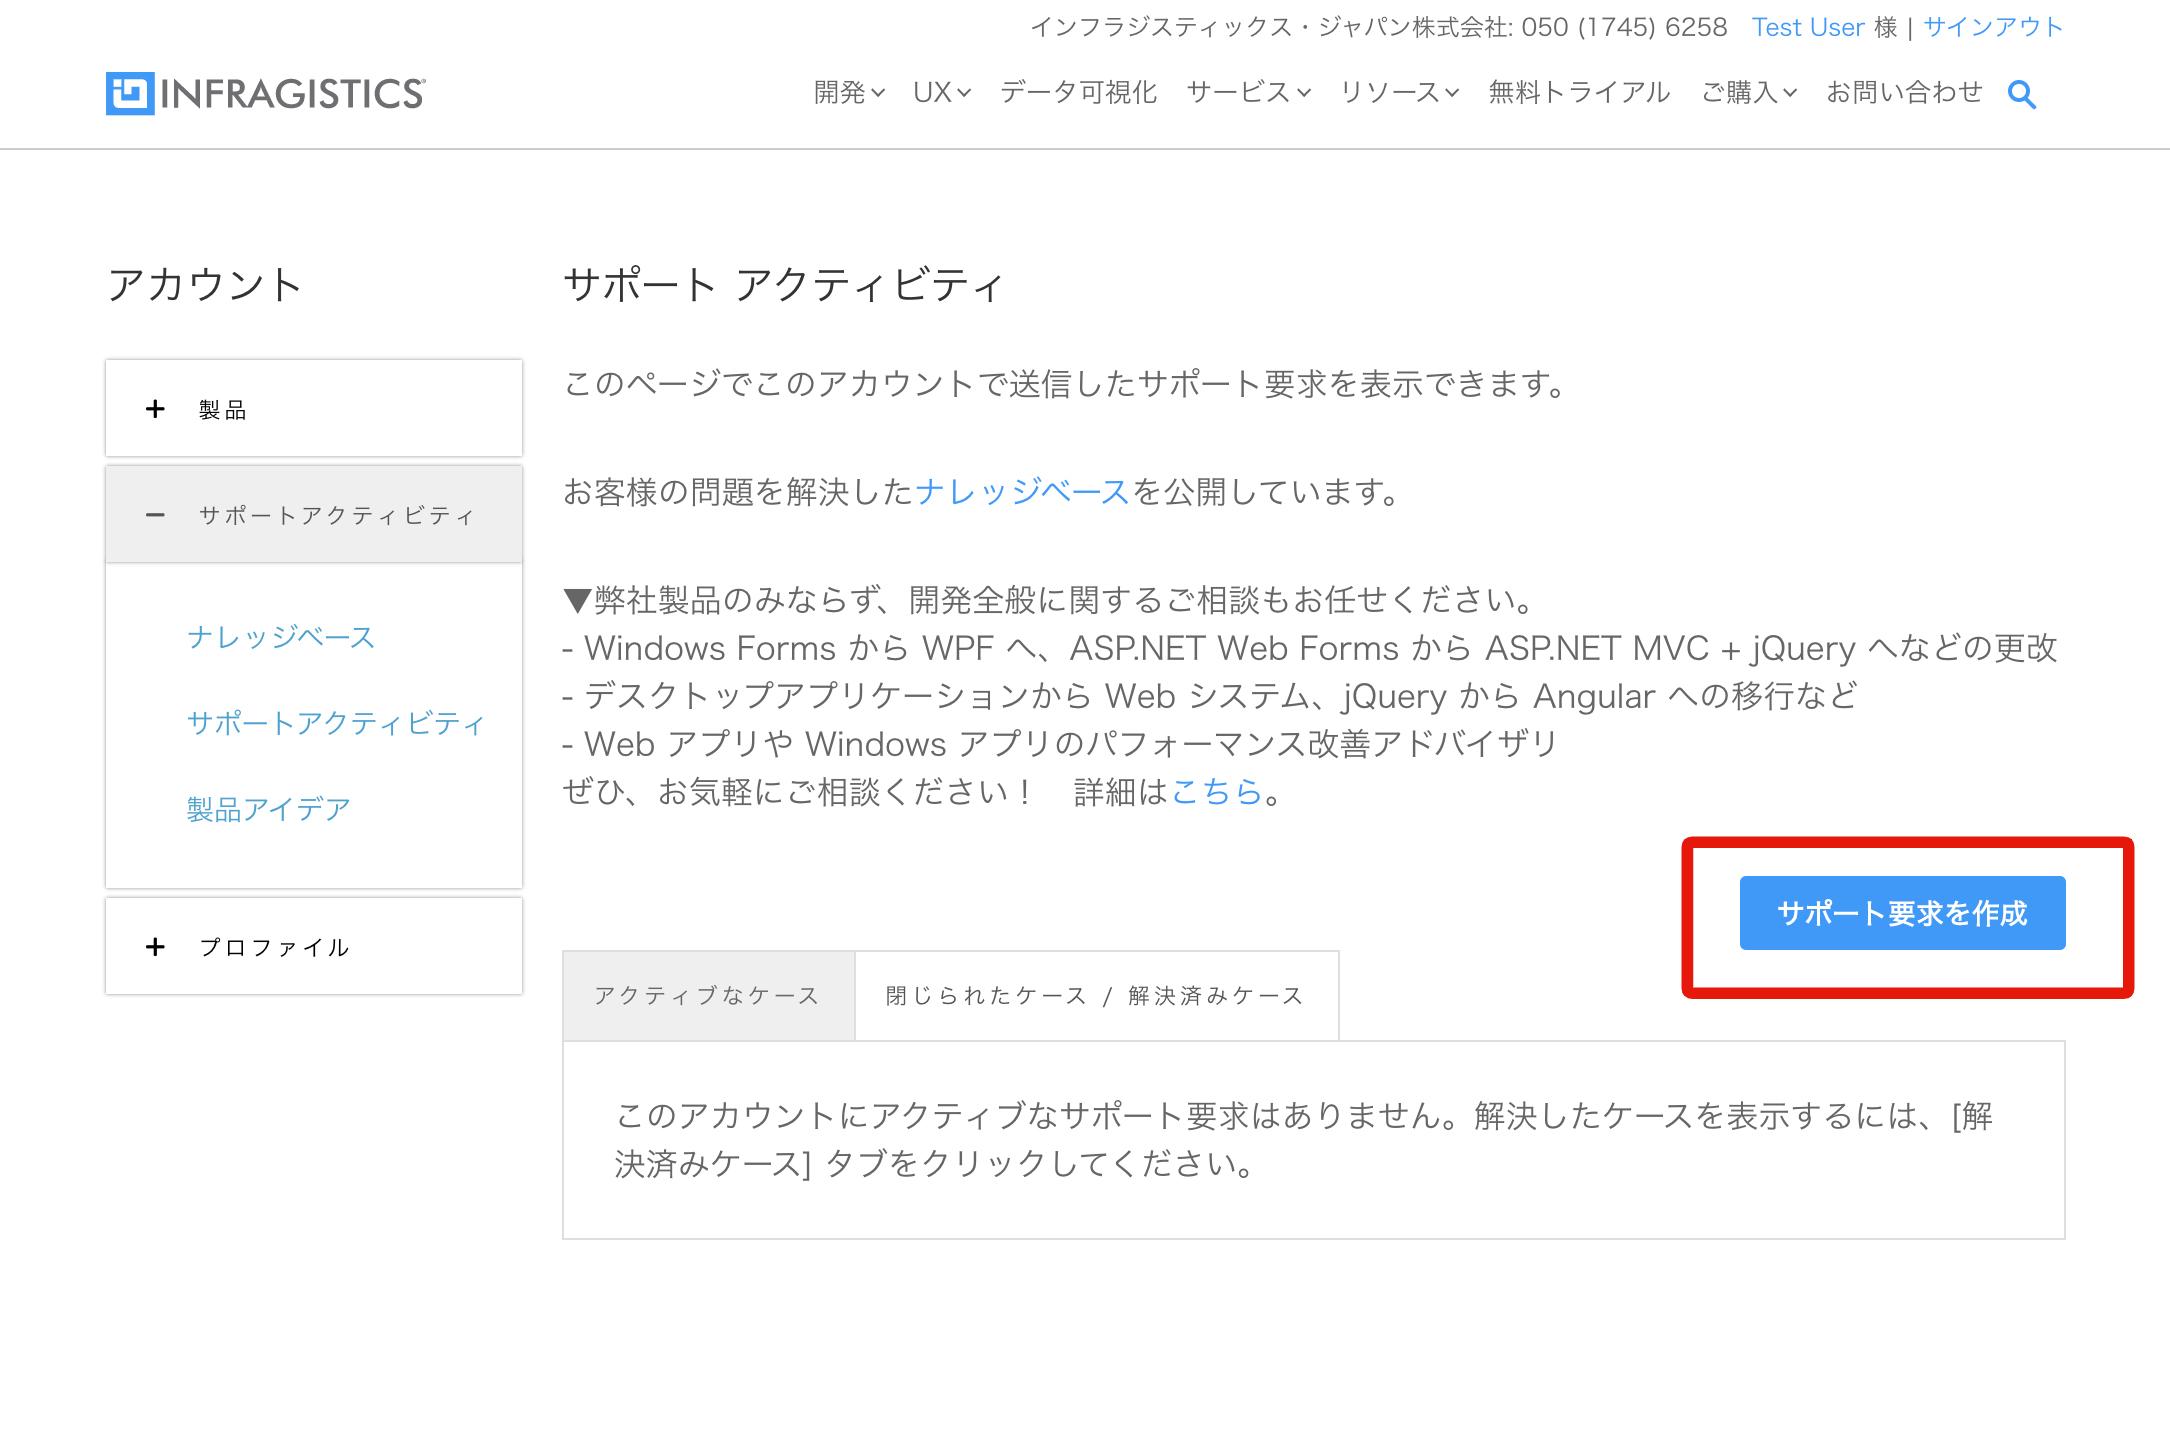 1.サポートアクティビティページにアクセスし、サポート要求の作成を開始する